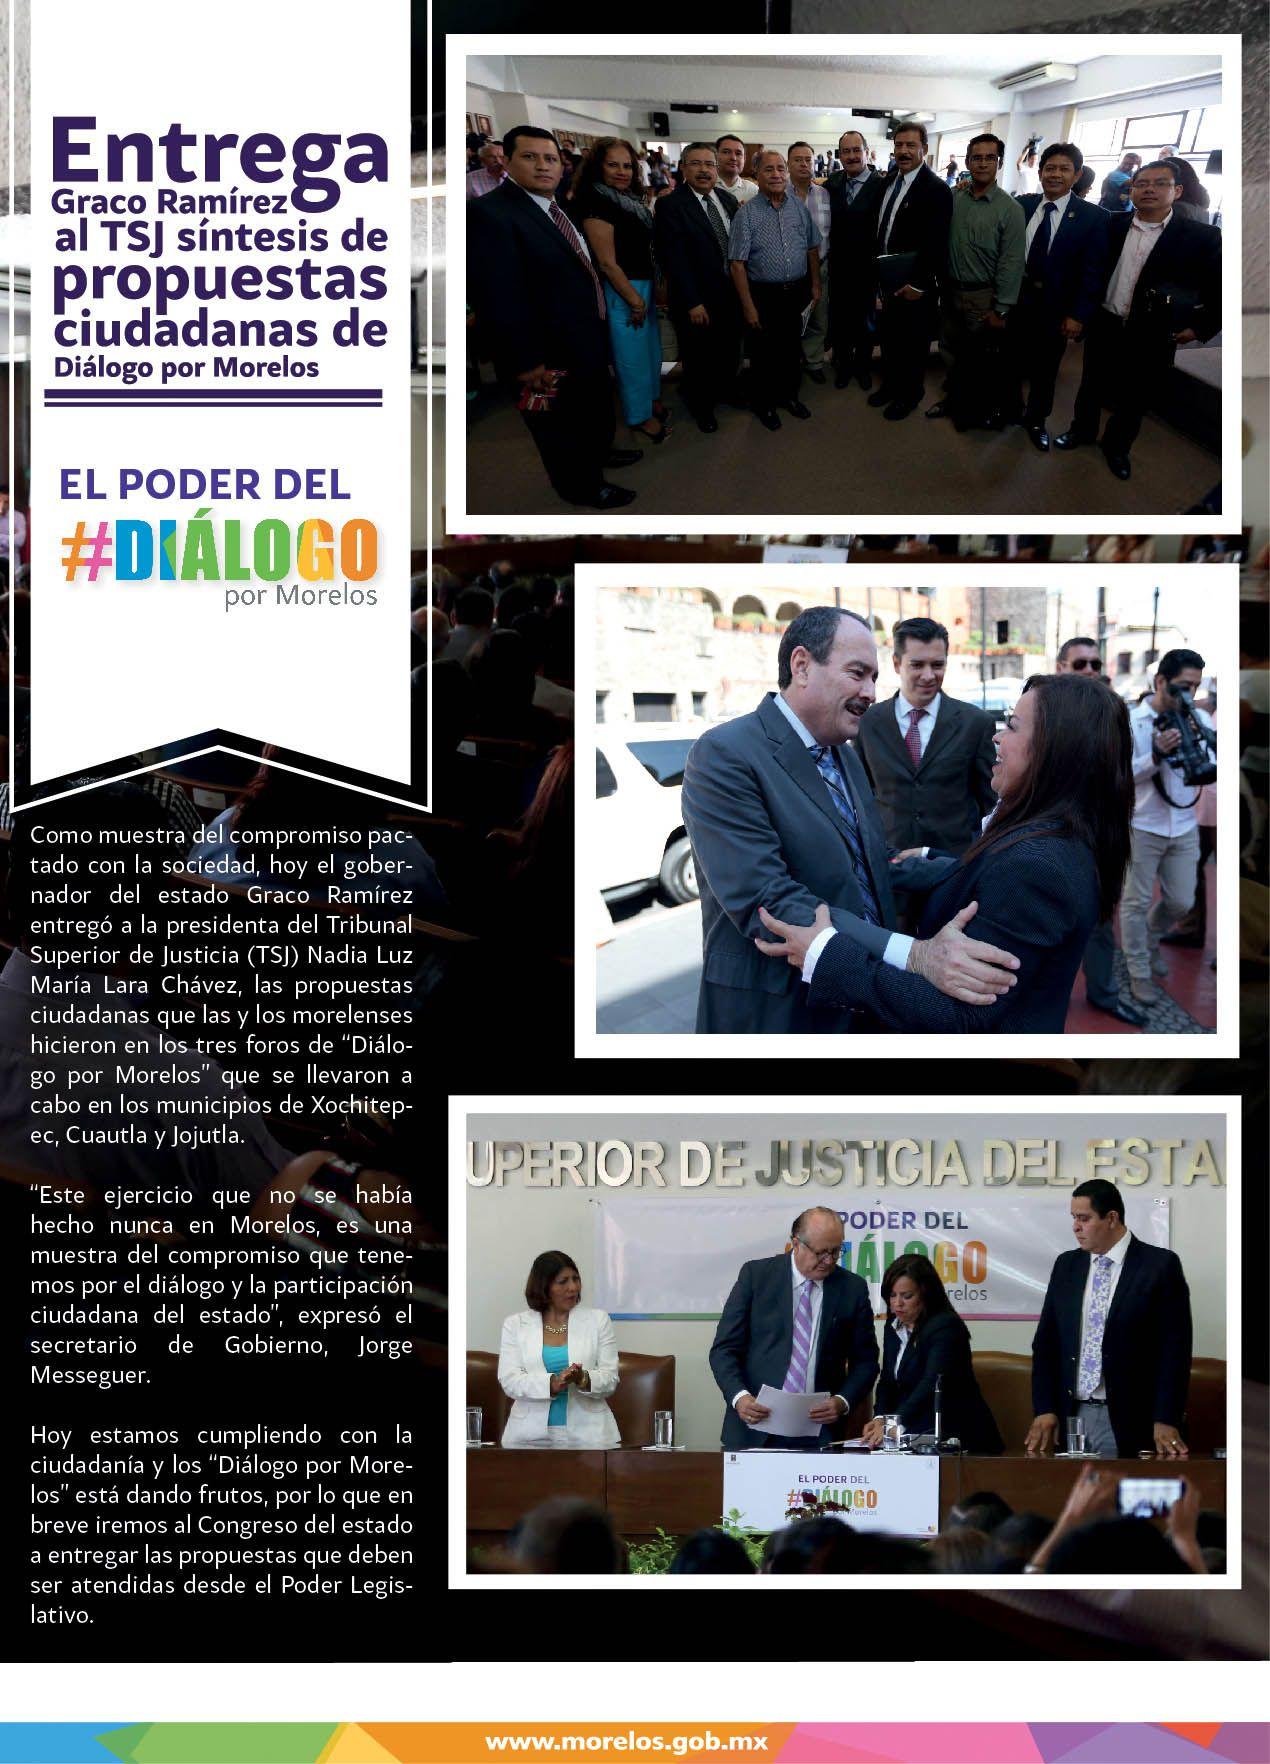 Entrega Graco Ramírez aTSJ síntesis de propuestas ciudadanas de Diálogo por Morelos.